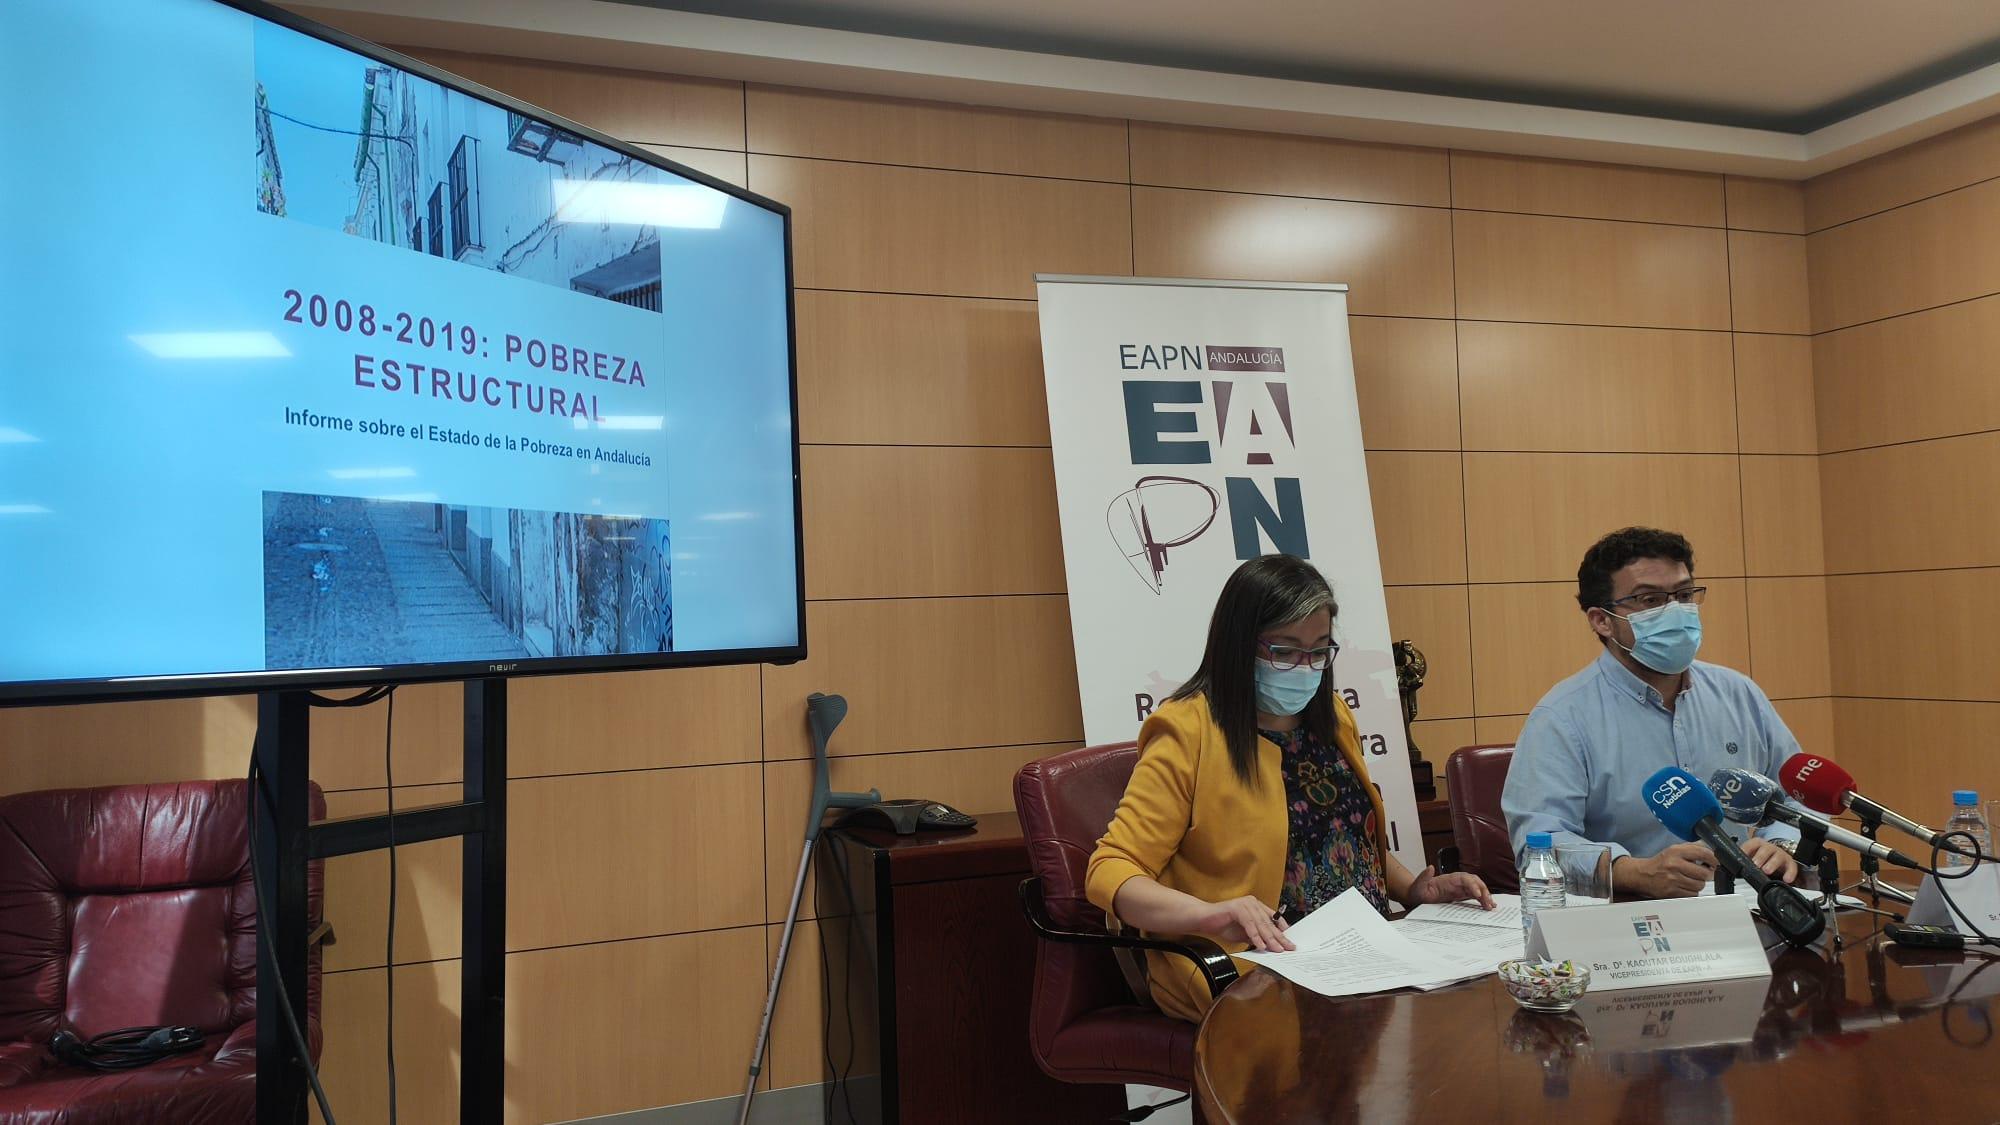 2008-2019: POBREZA ESTRUCTURAL: X Informe 'El Estado de la Pobreza en España. Seguimiento del indicador de pobreza y exclusión social 2008 – 2019'